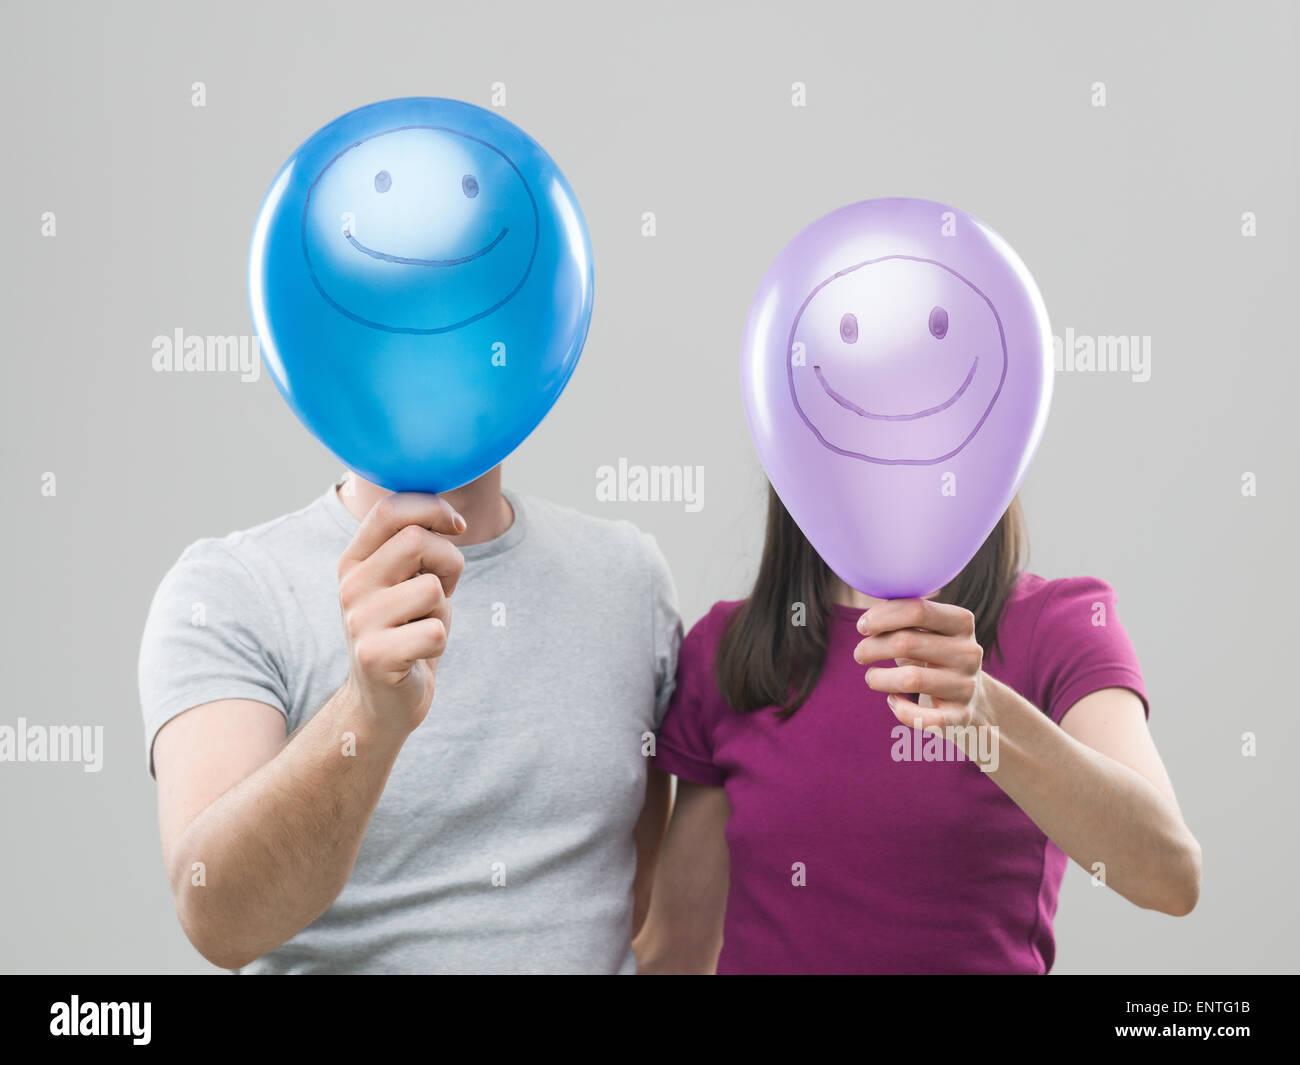 Paio di nascondere le loro teste dietro di palloncini colorati con smile, contro uno sfondo grigio Immagini Stock